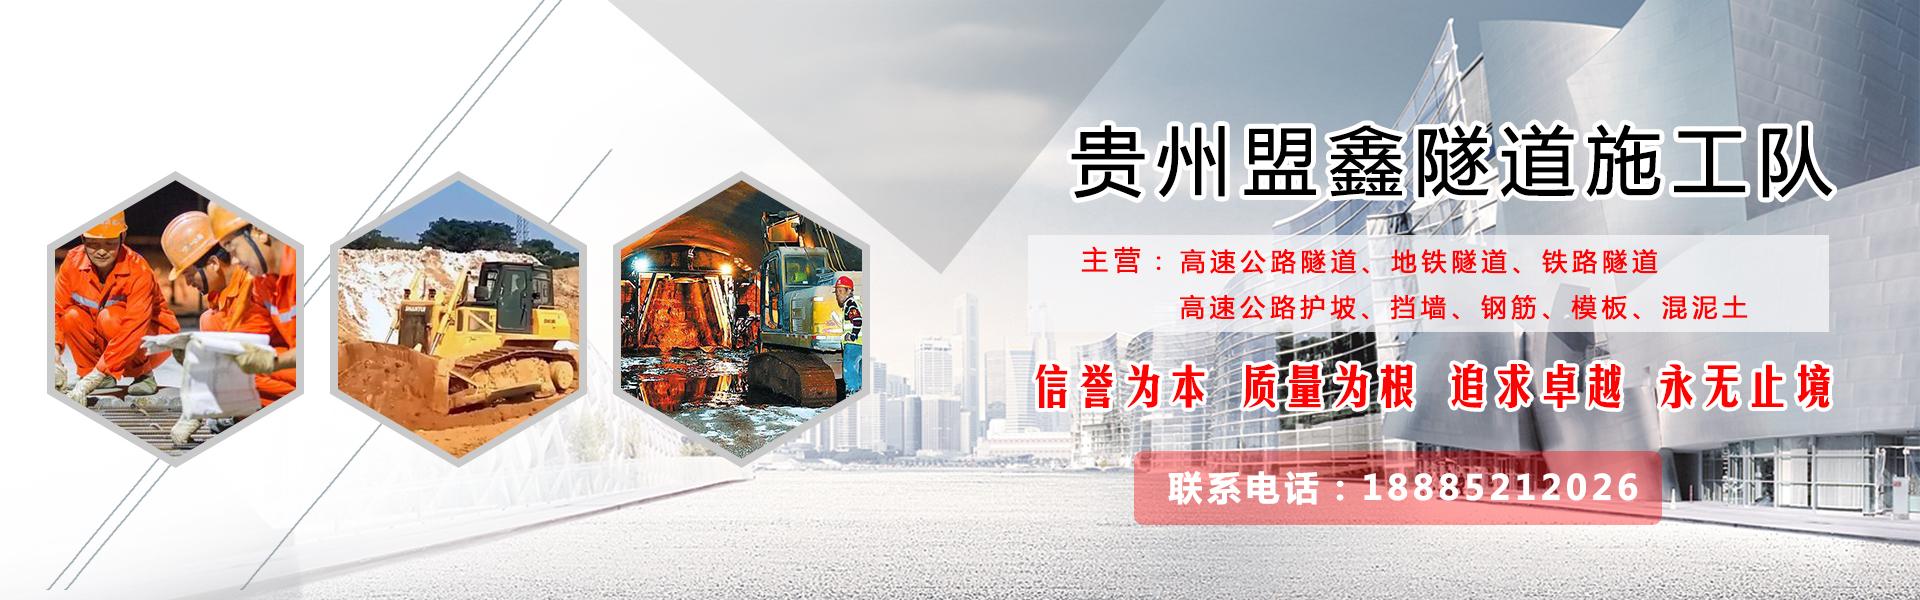 贵州劳务公司电话:18885212026,13312330755